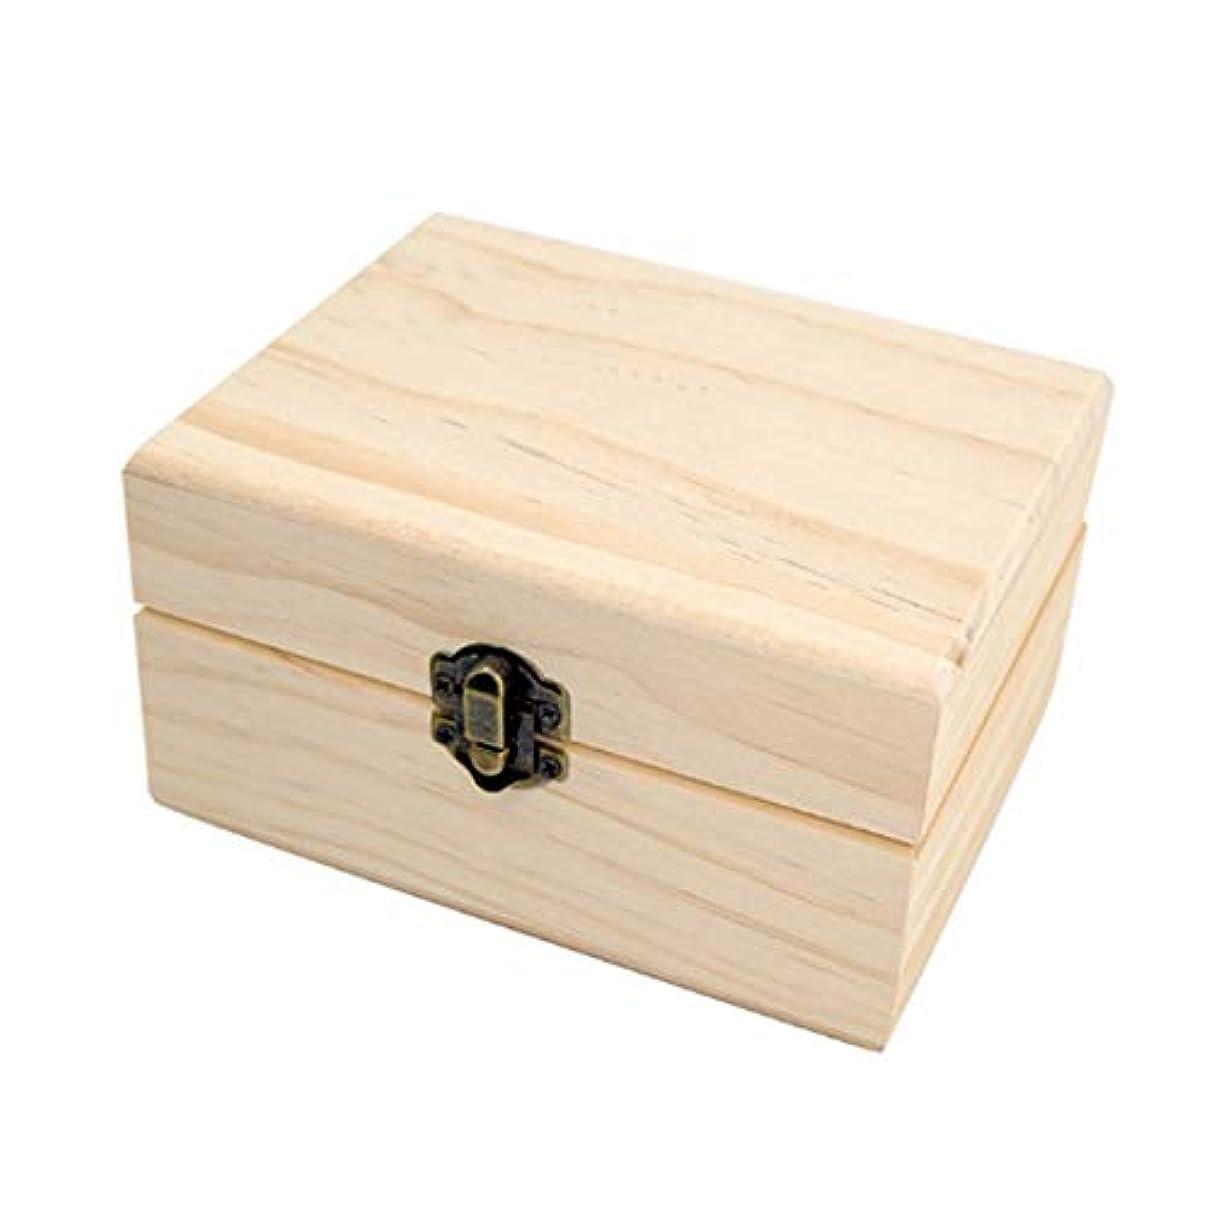 アイドルまたはどちらか敷居フェリモア エッセンシャルオイル 収納ボックス ボトル用 松 木製 格子状 倒れにくい 12マス (ブラウン)